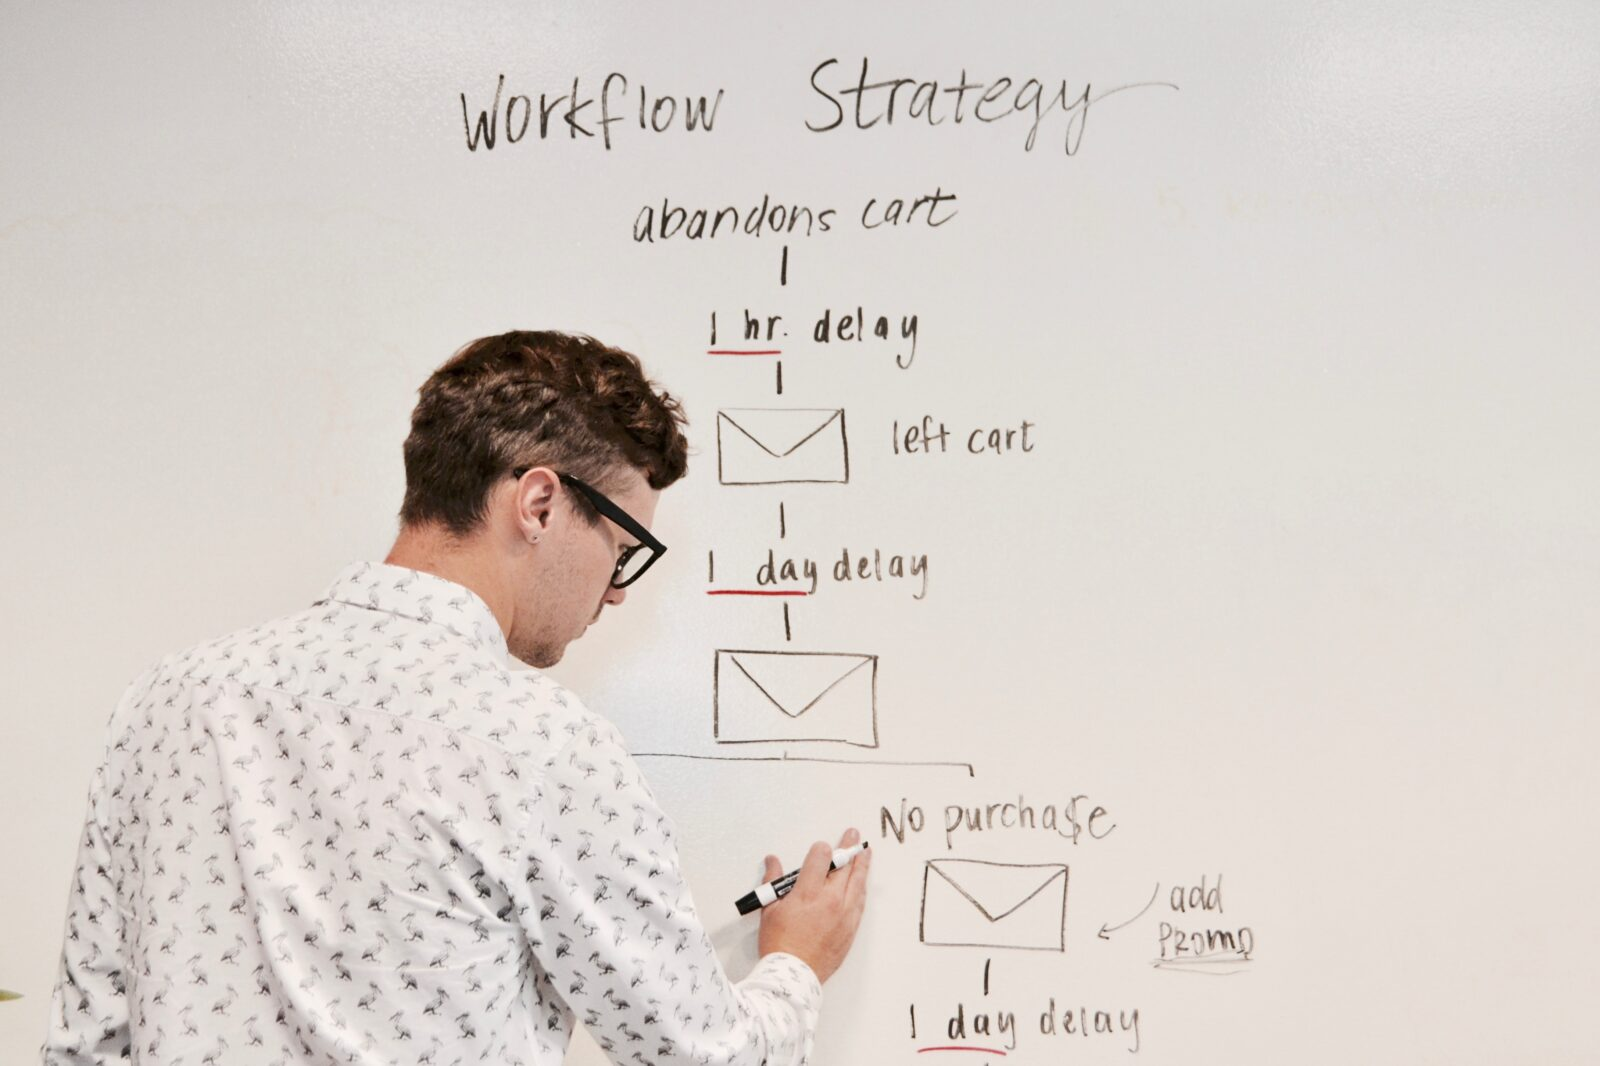 Brandswon workflow strategy